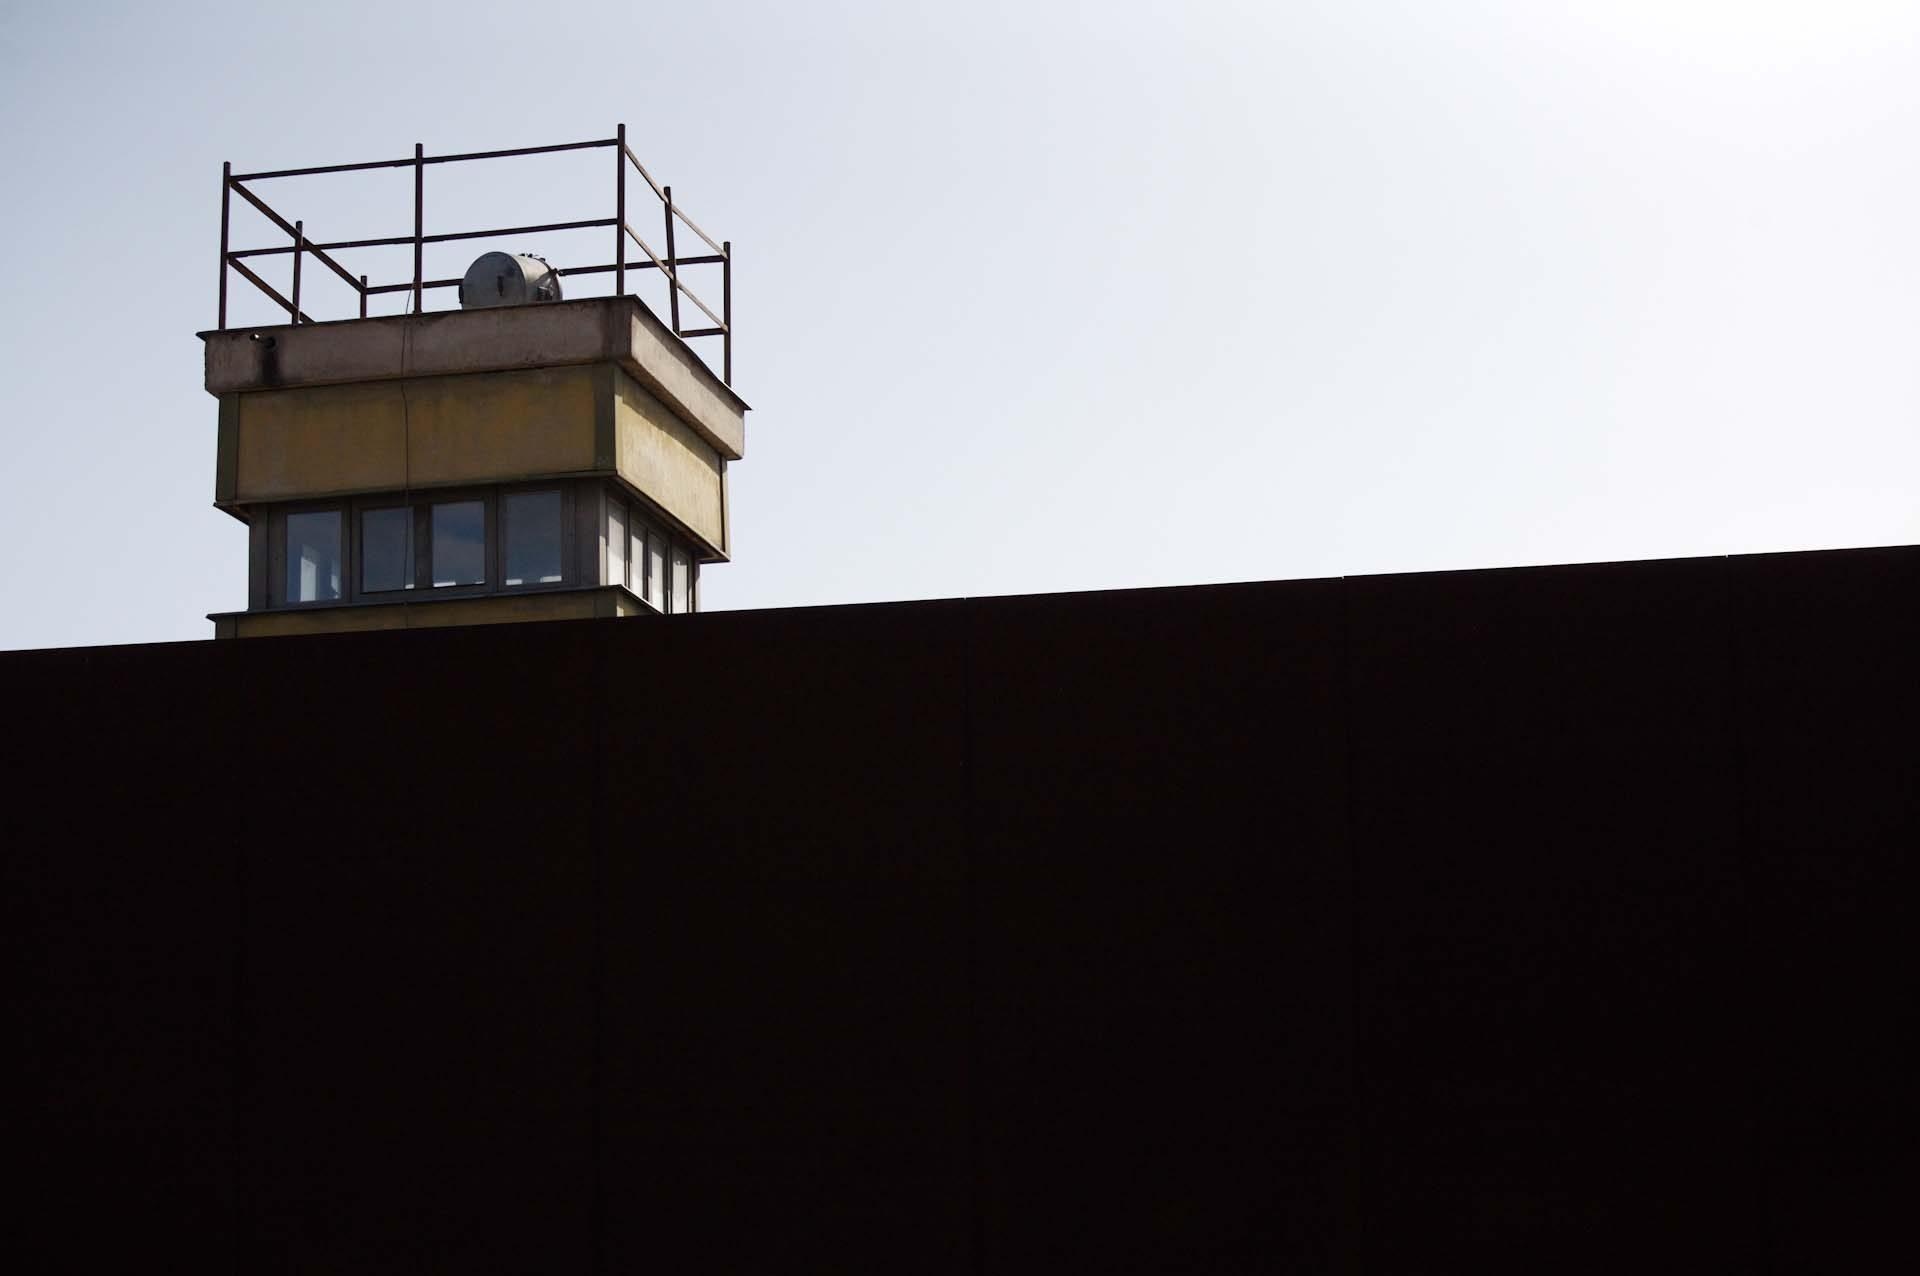 Ein ehemaliger Wachturm des DDR Grenzstreifens, ist Teil der Gedenkstätte Berliner Mauer, Bernauer Straße Ecke Ackerstraße.